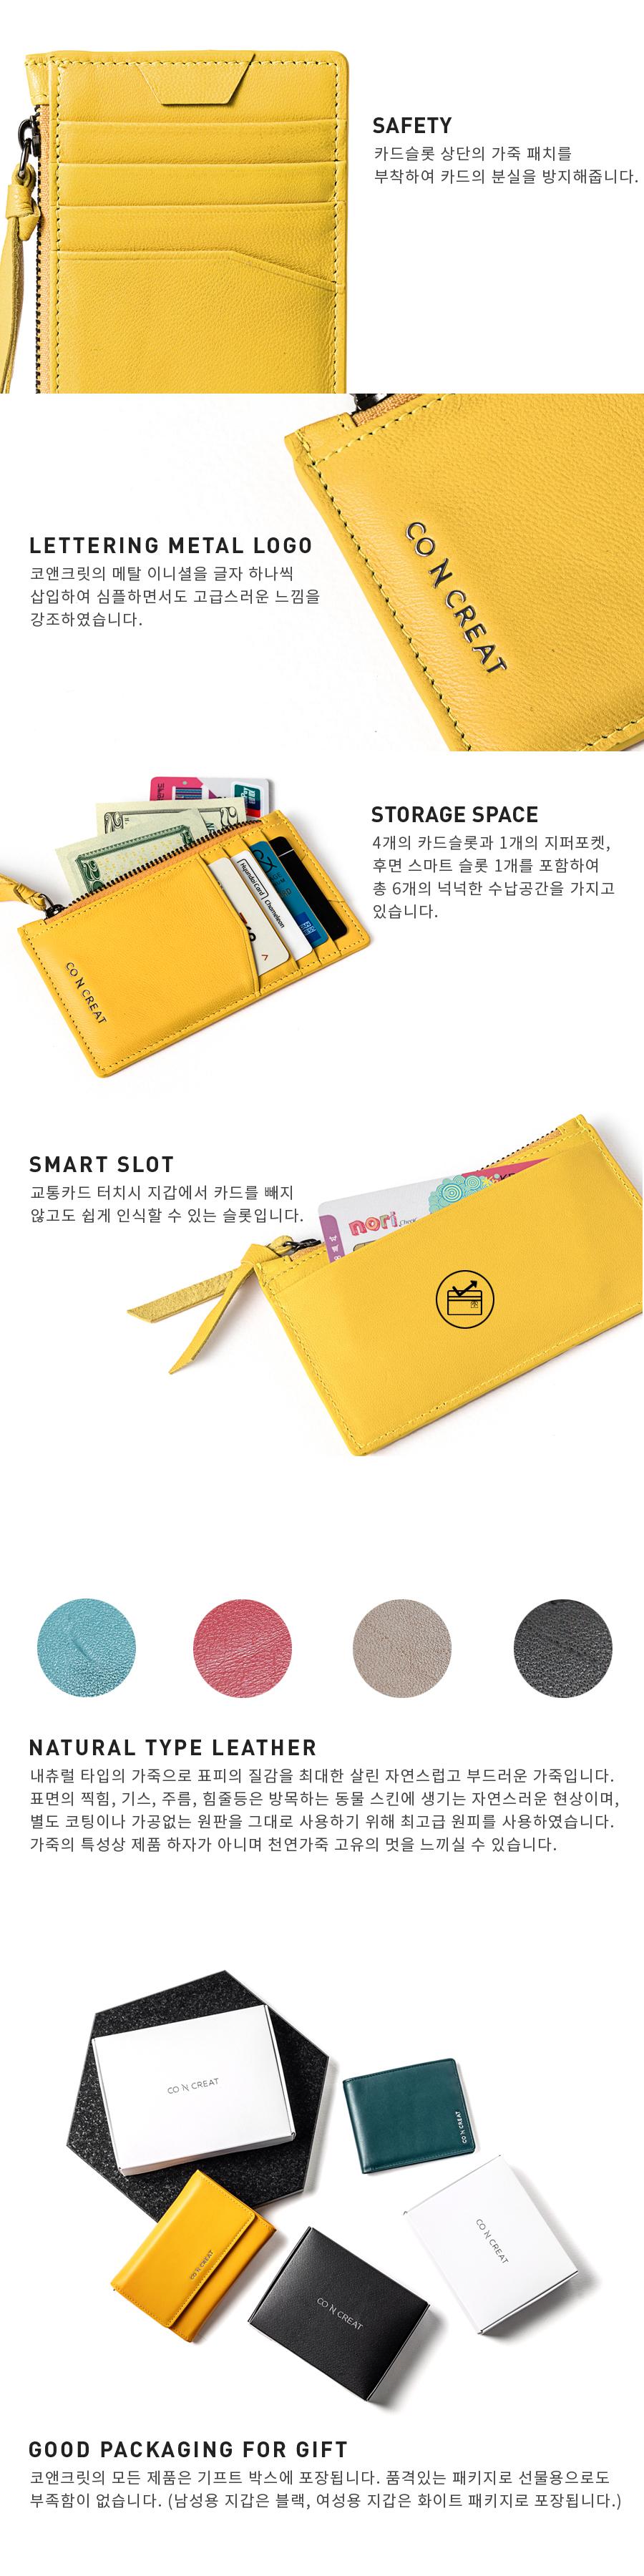 [코앤크릿] NTWST0102C35FR시그니쳐 슬림 지퍼 카드지갑 포레스트